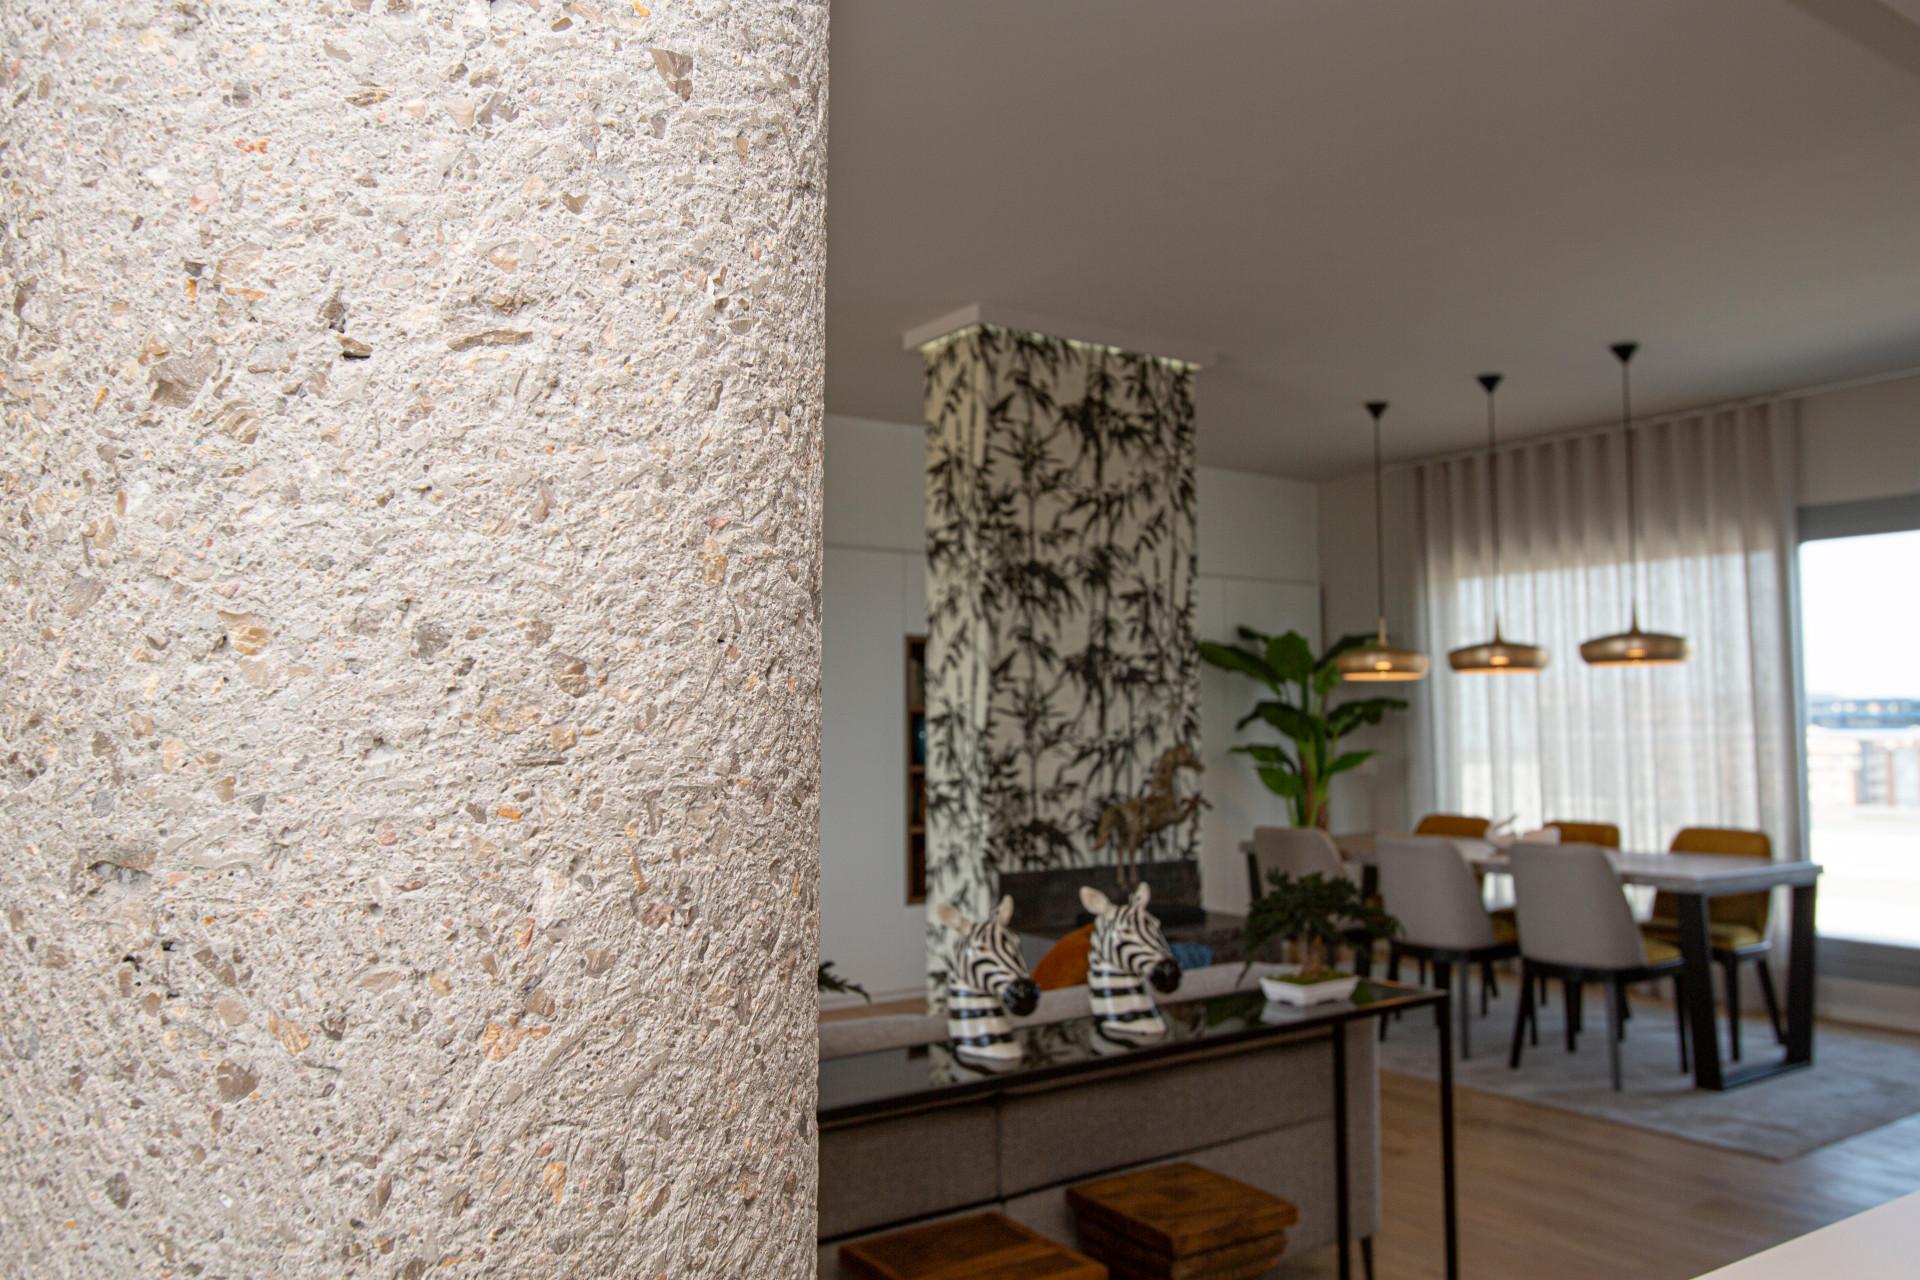 proyectos-interiorismo-interioristas-diseno-interiores-viviendas-particulares-alto-standing-casas-pueblo-chalets-adosados-urbanizaciones-lujo-09